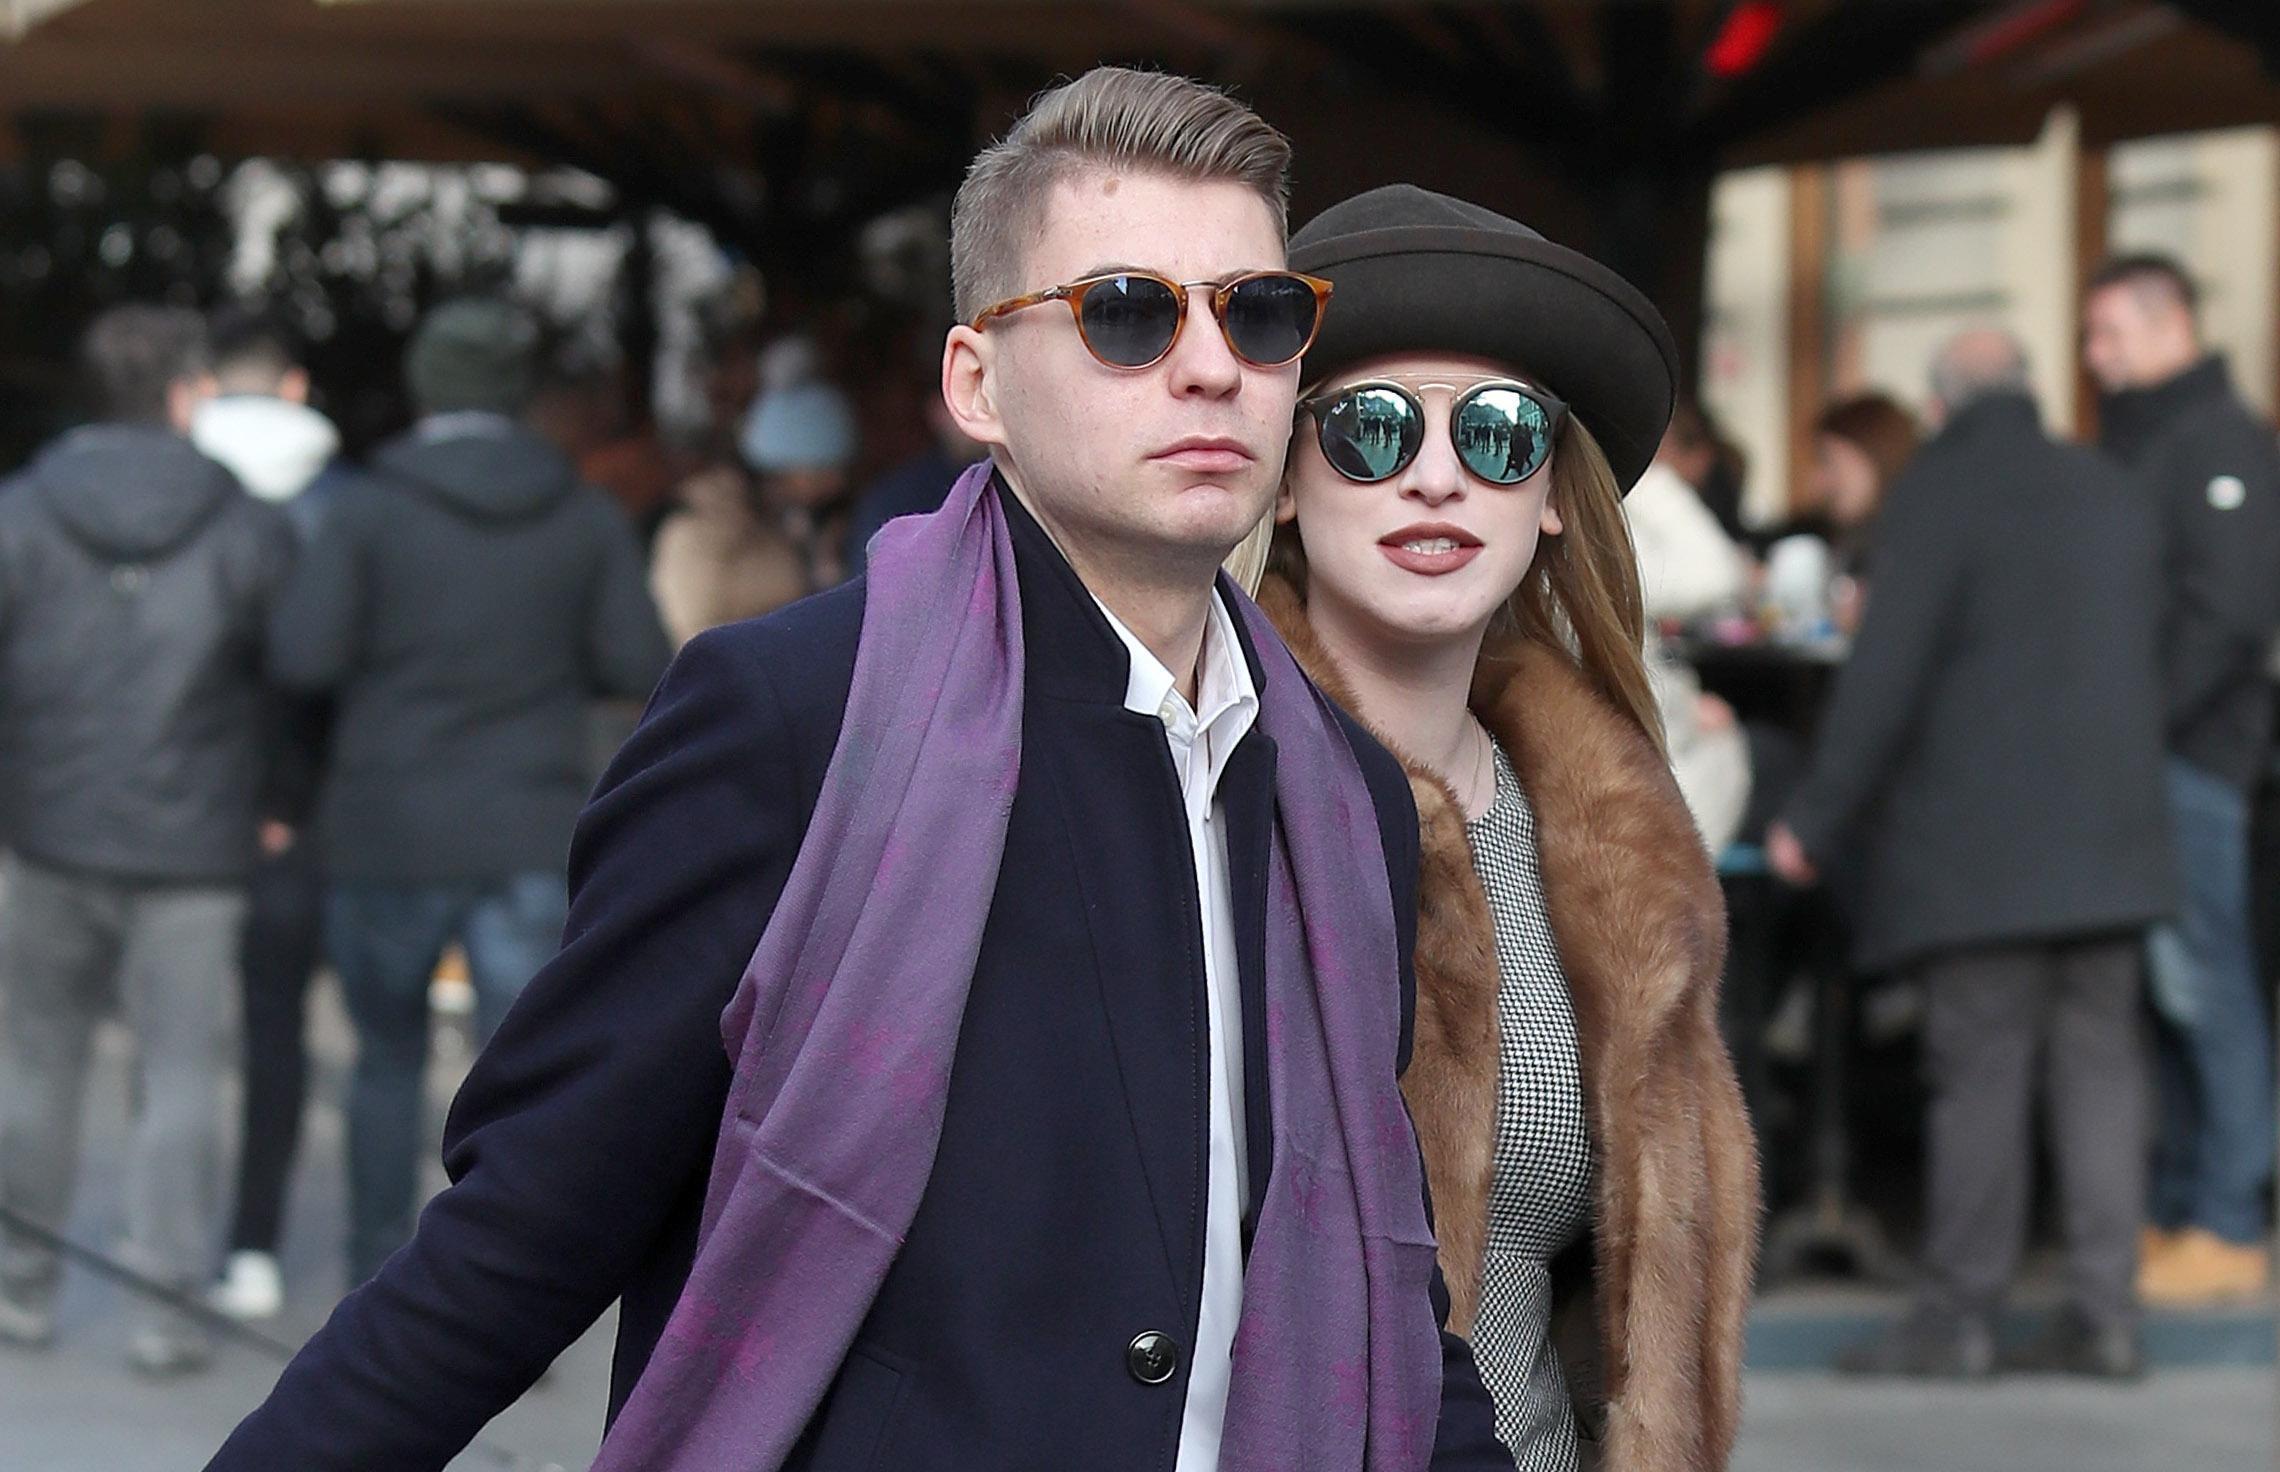 Ne znamo tko je više stylish: Njih dvoje izgledaju kao da su sišli s naslovnice časopisa!